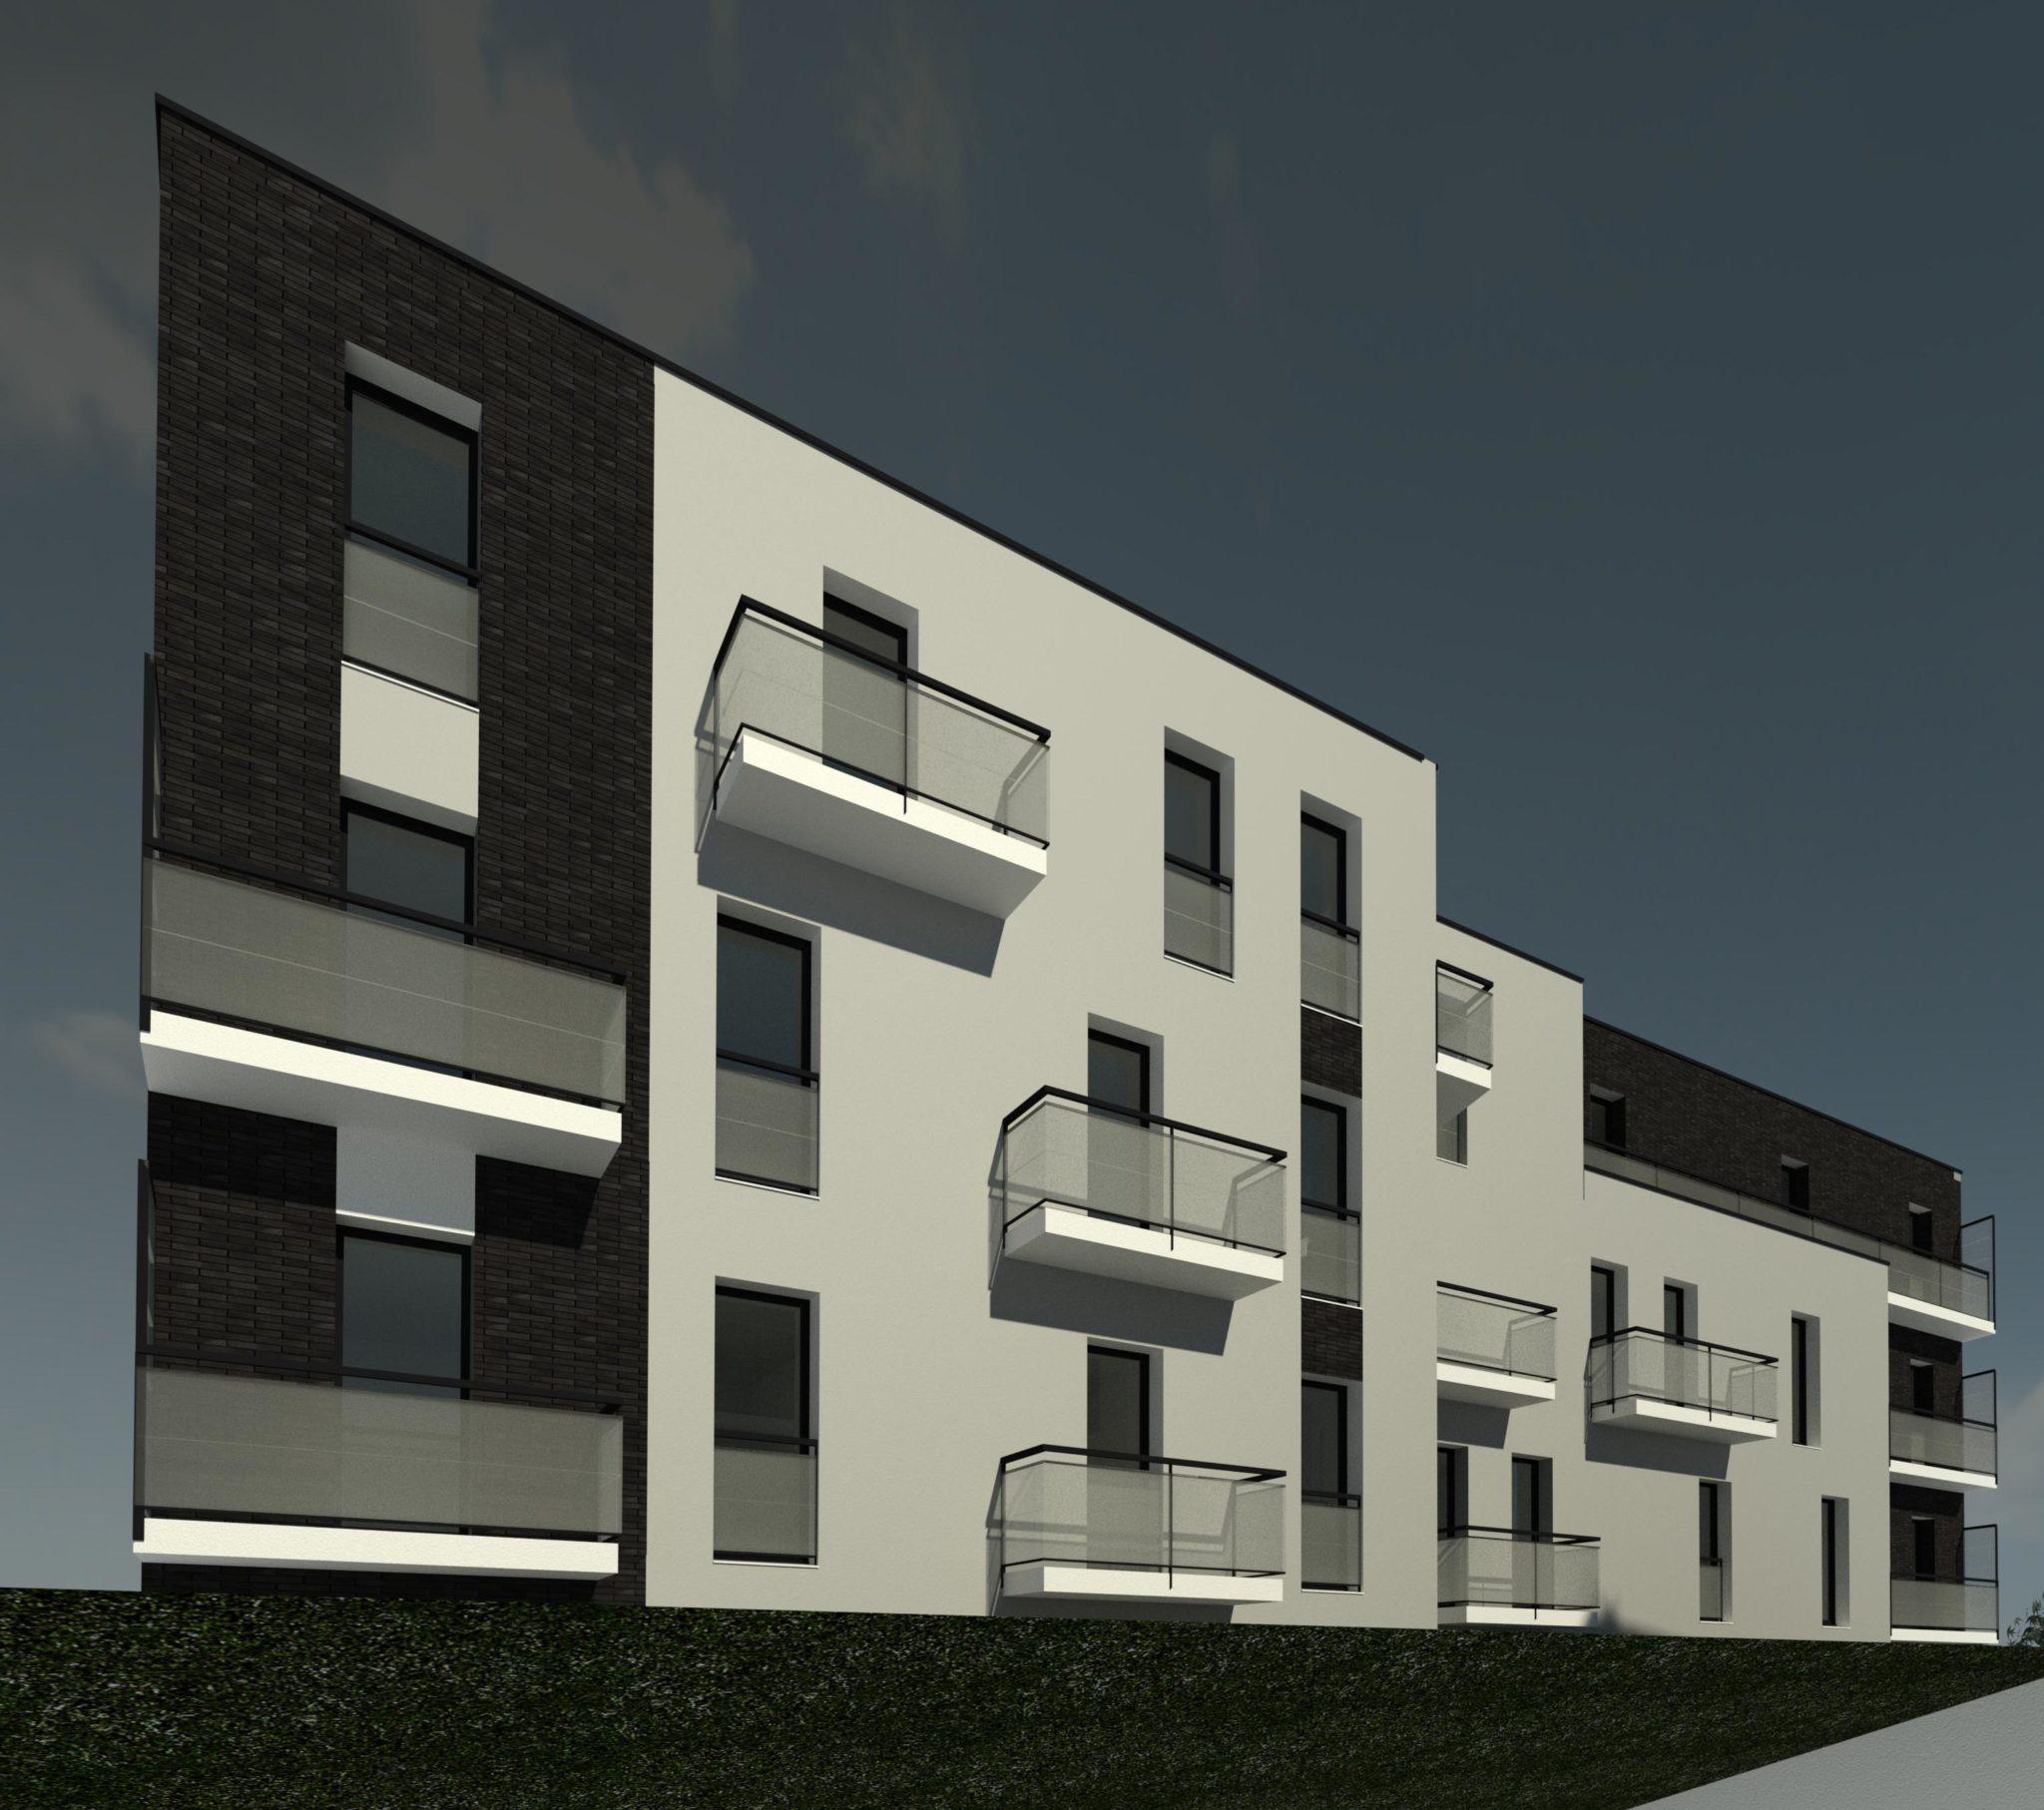 Réalisation en 3D d'un projet de logement collectif